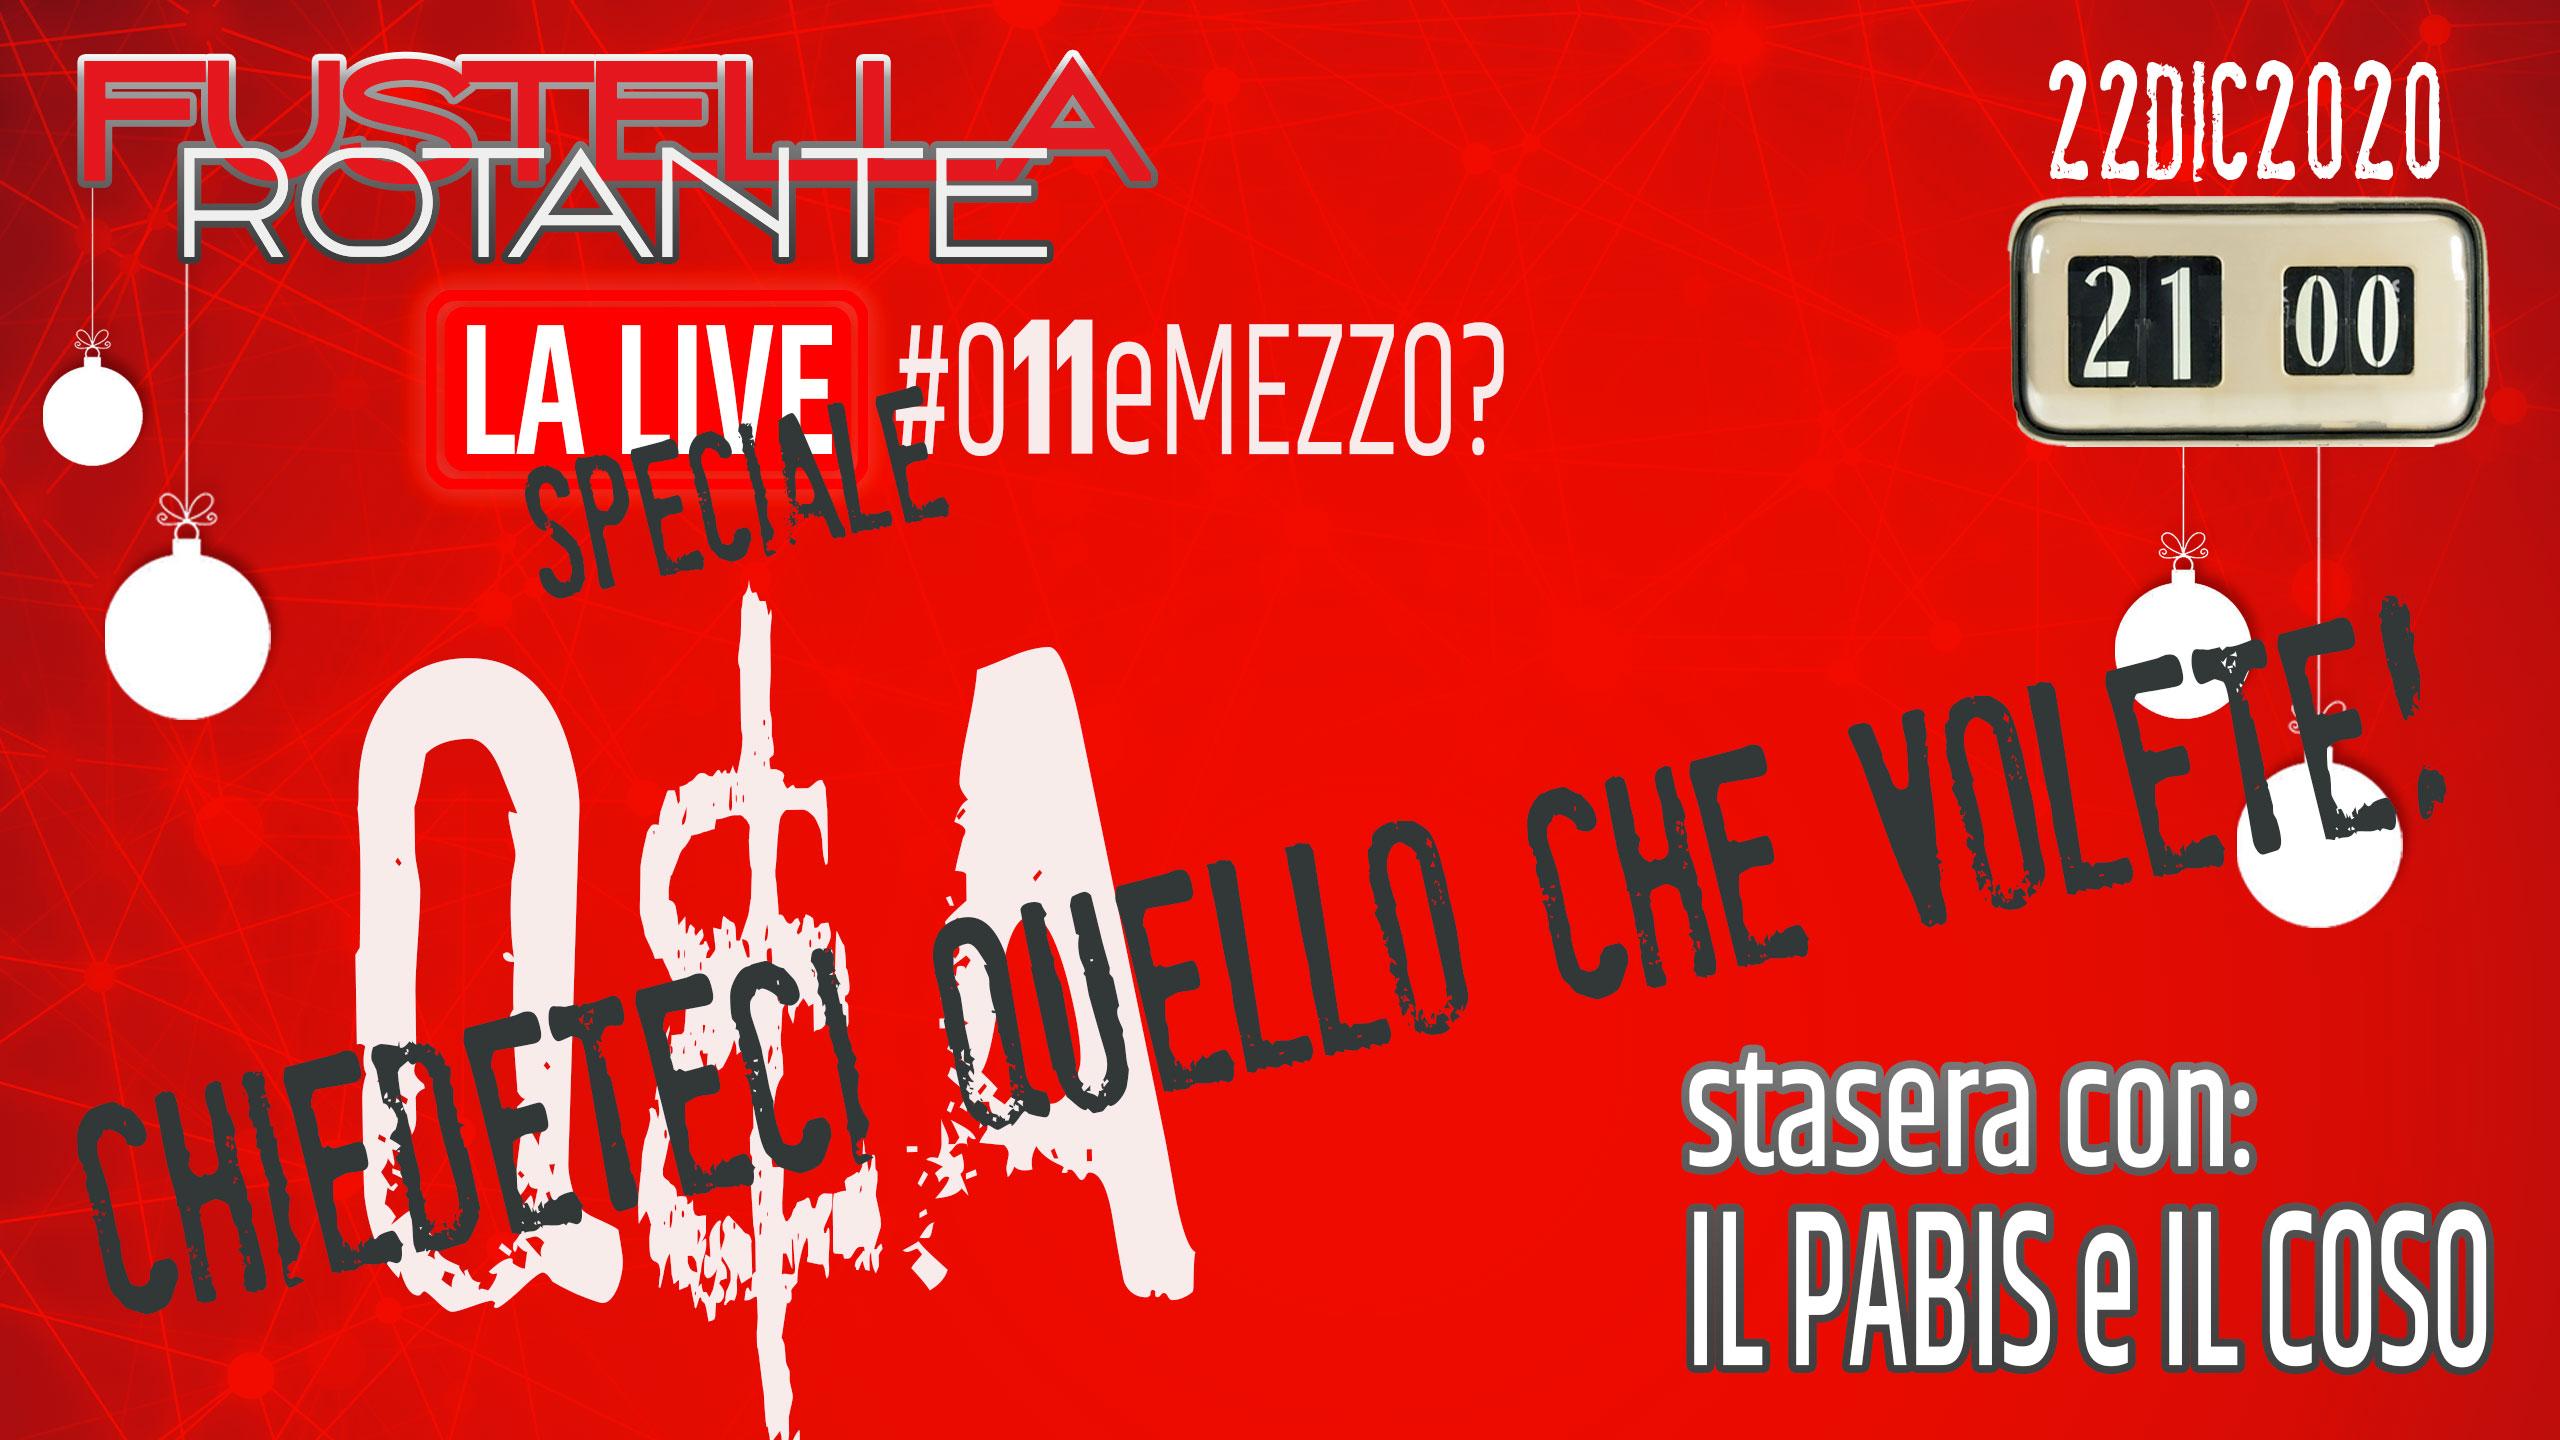 la-live-011emezzo-cover